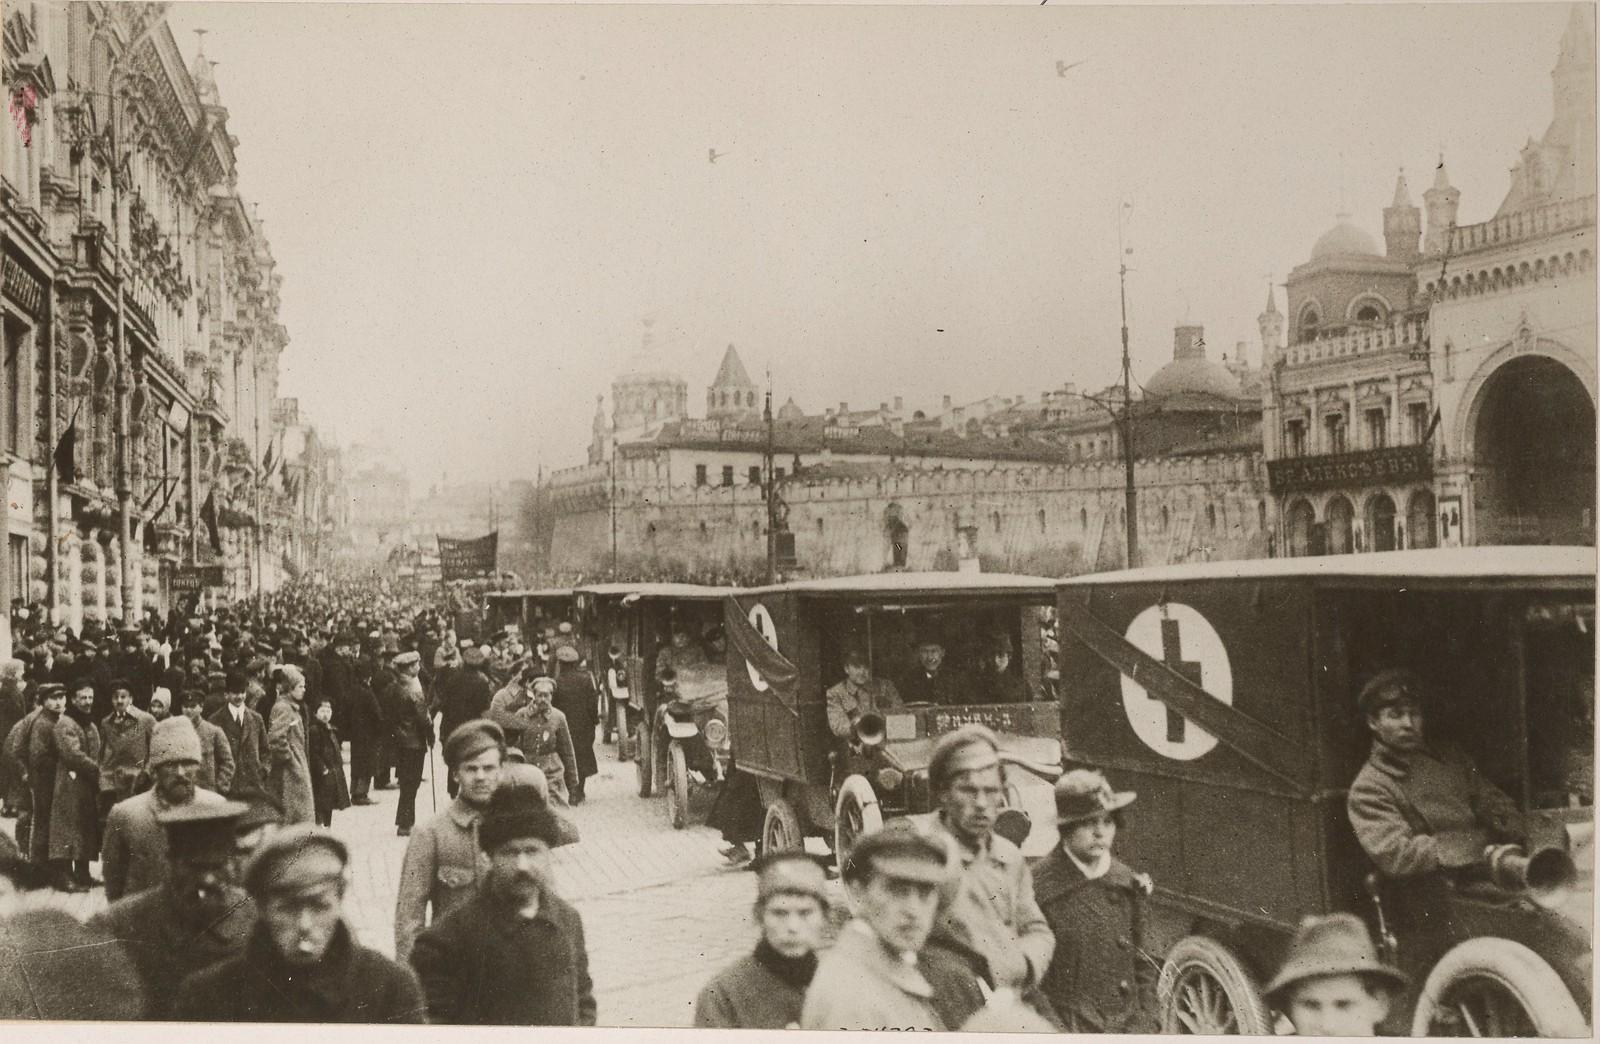 1917. Машины скорой помощи Санитарного корпуса на улицах Москвы.